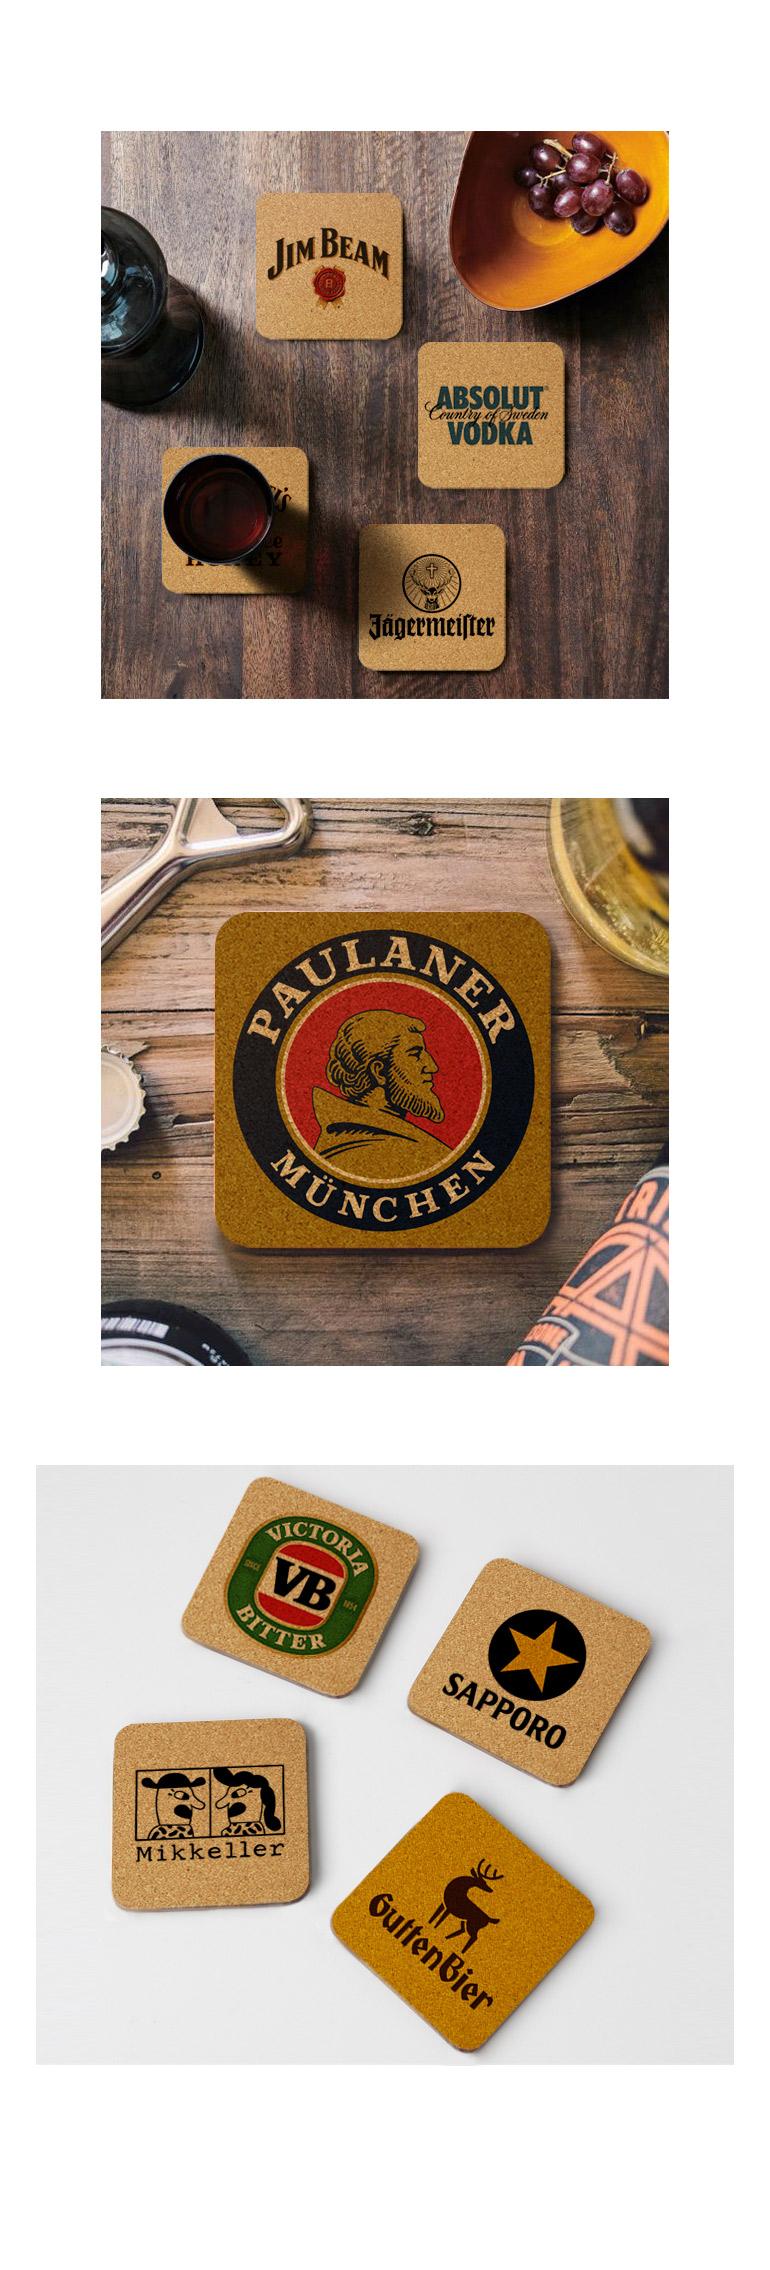 세계맥주 로고 코르크 컵받침 95x95x3mm 99종 - 모두의 팩토리, 1,200원, 장식/부자재, 벽장식